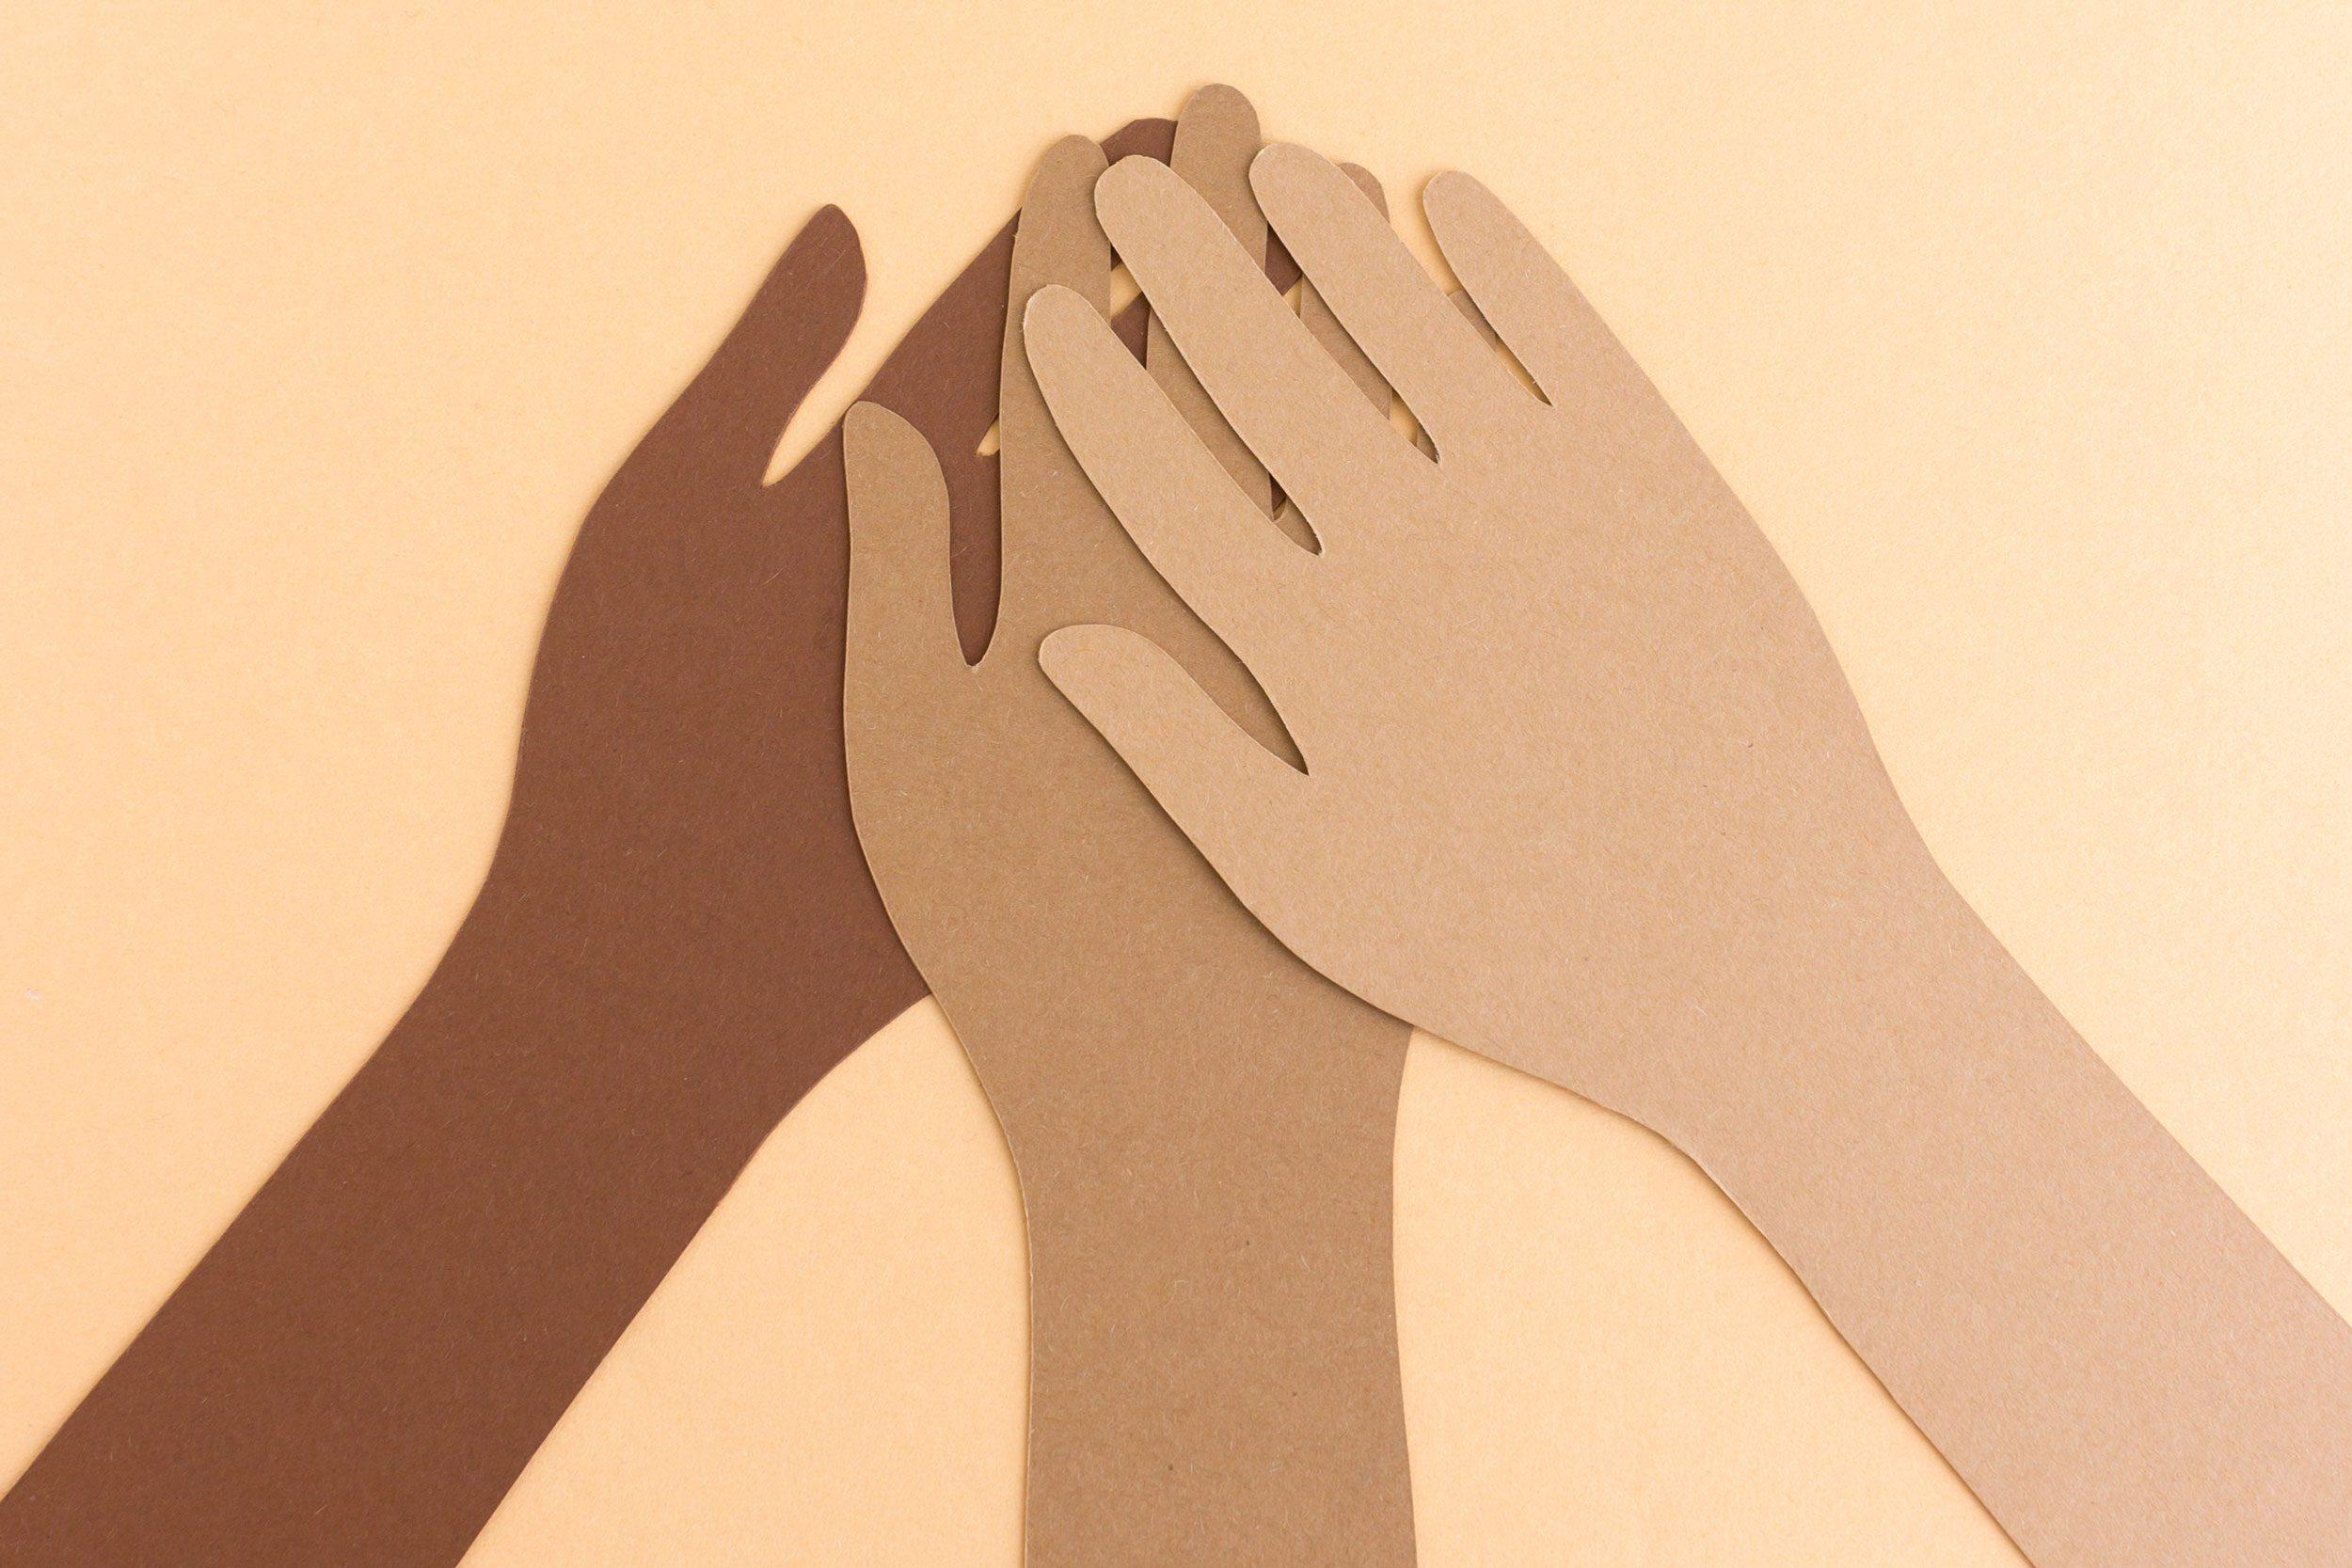 paper cutouts. diverse hands. bipoc.